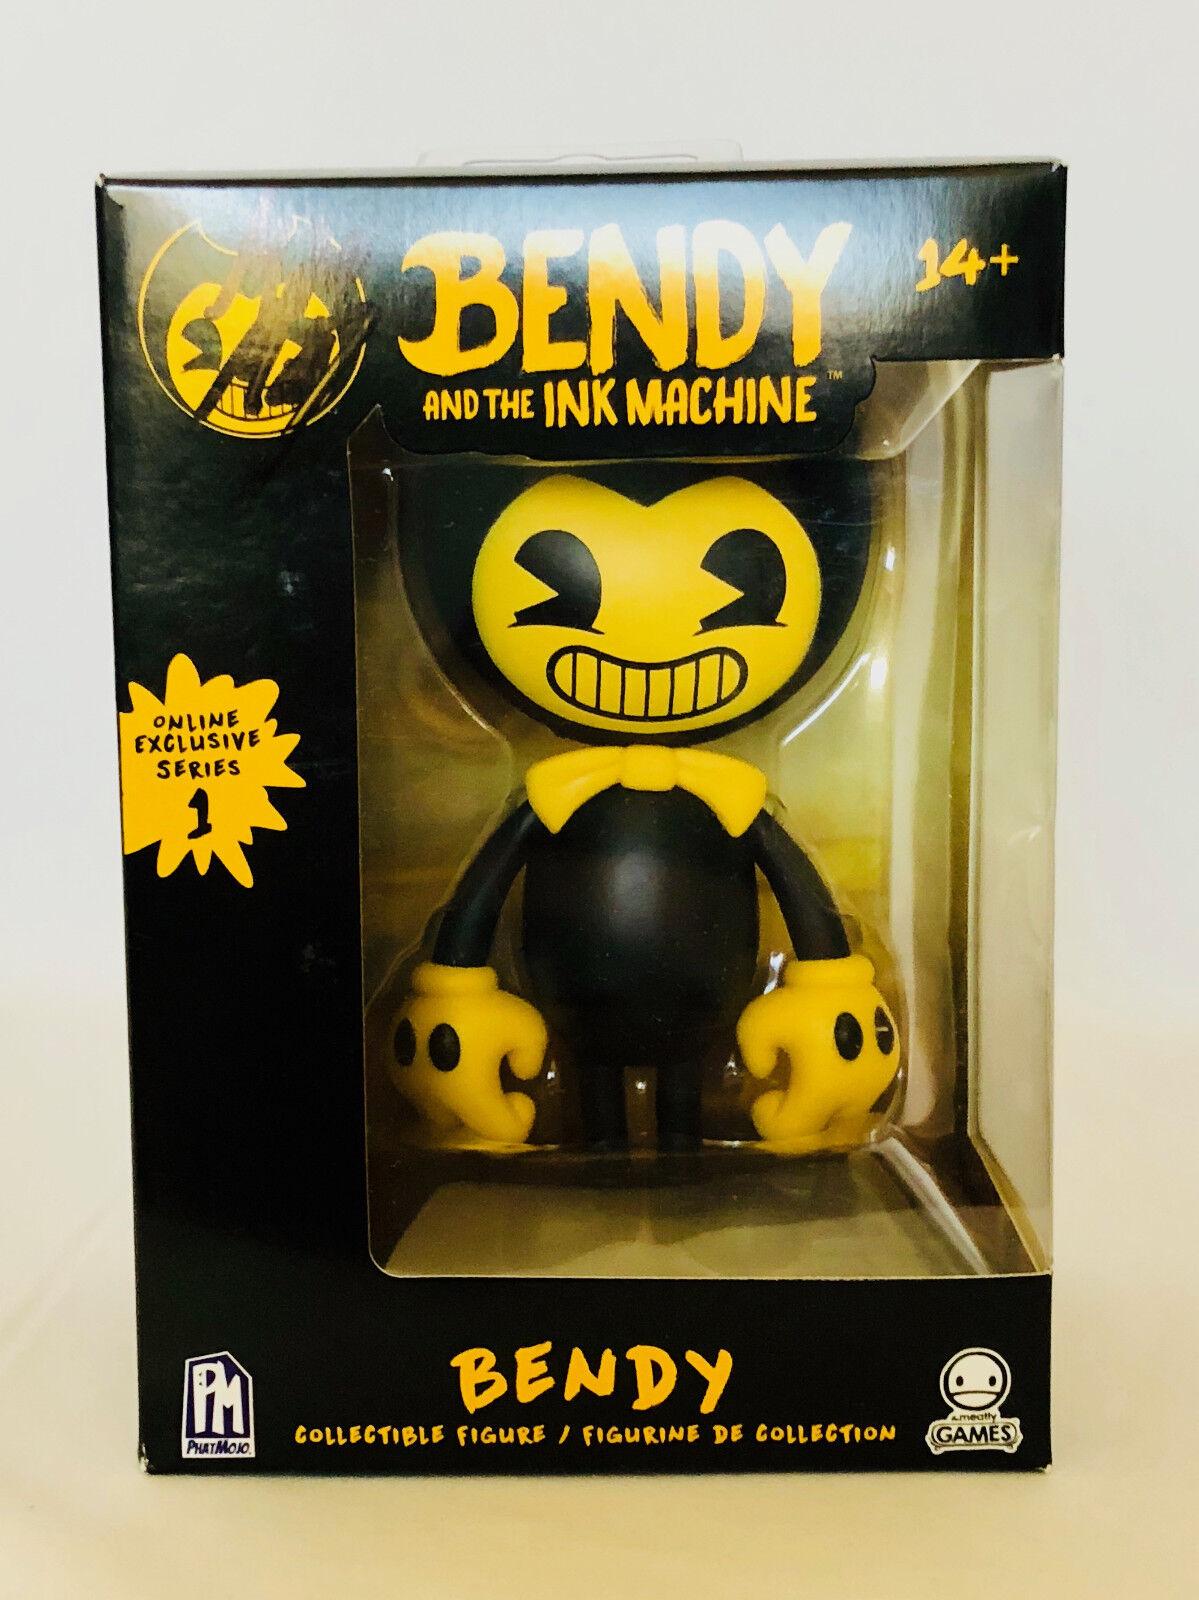 Figura de máquina de tinta y el Bendy Firmado Autografiado Por Mike estado de ánimo creador Co